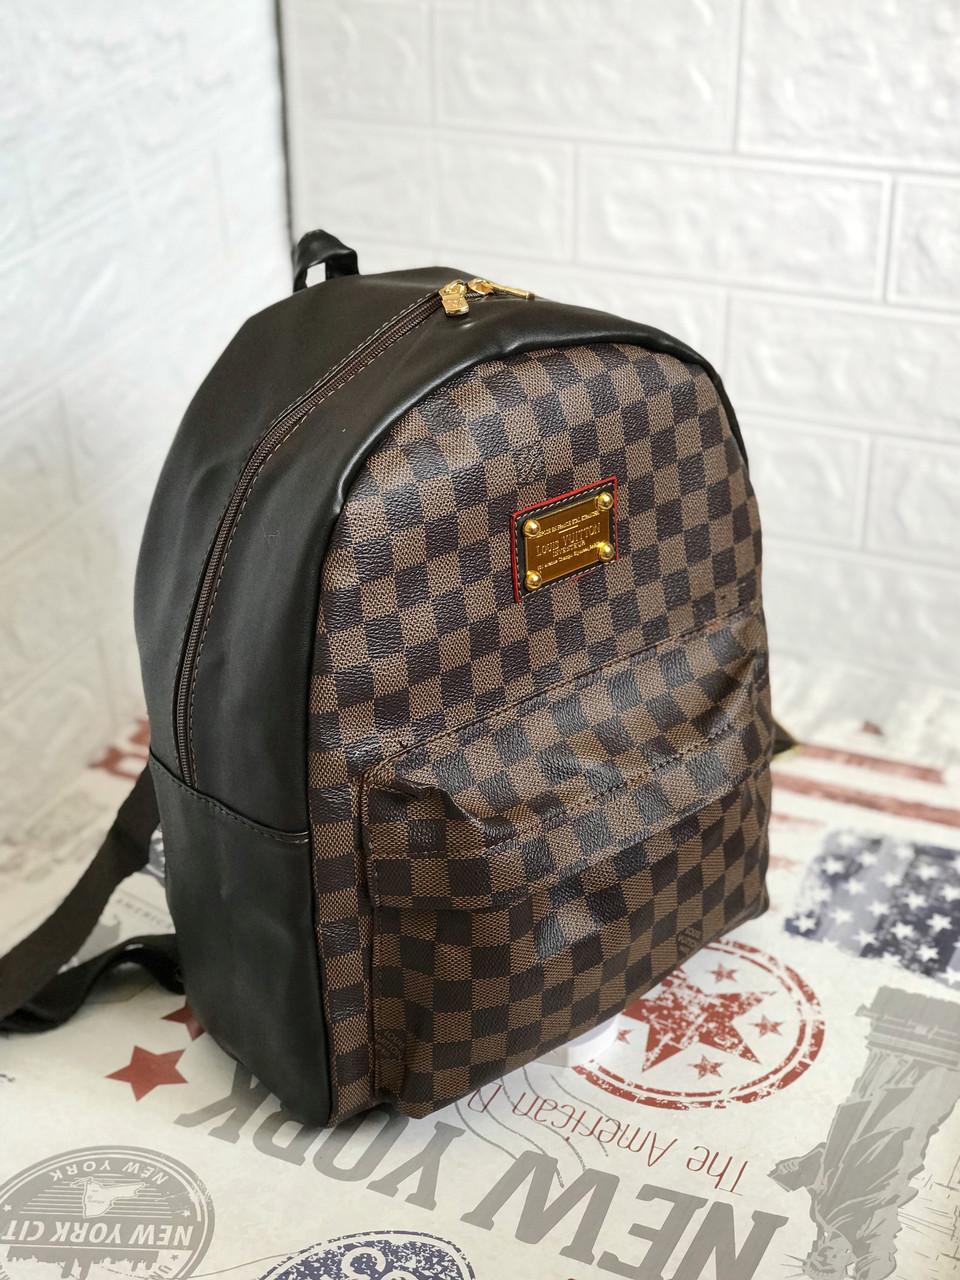 Рюкзак женский портфель в стиле LV Louis Vuitton ( Луи Витон) Monogram коричневый